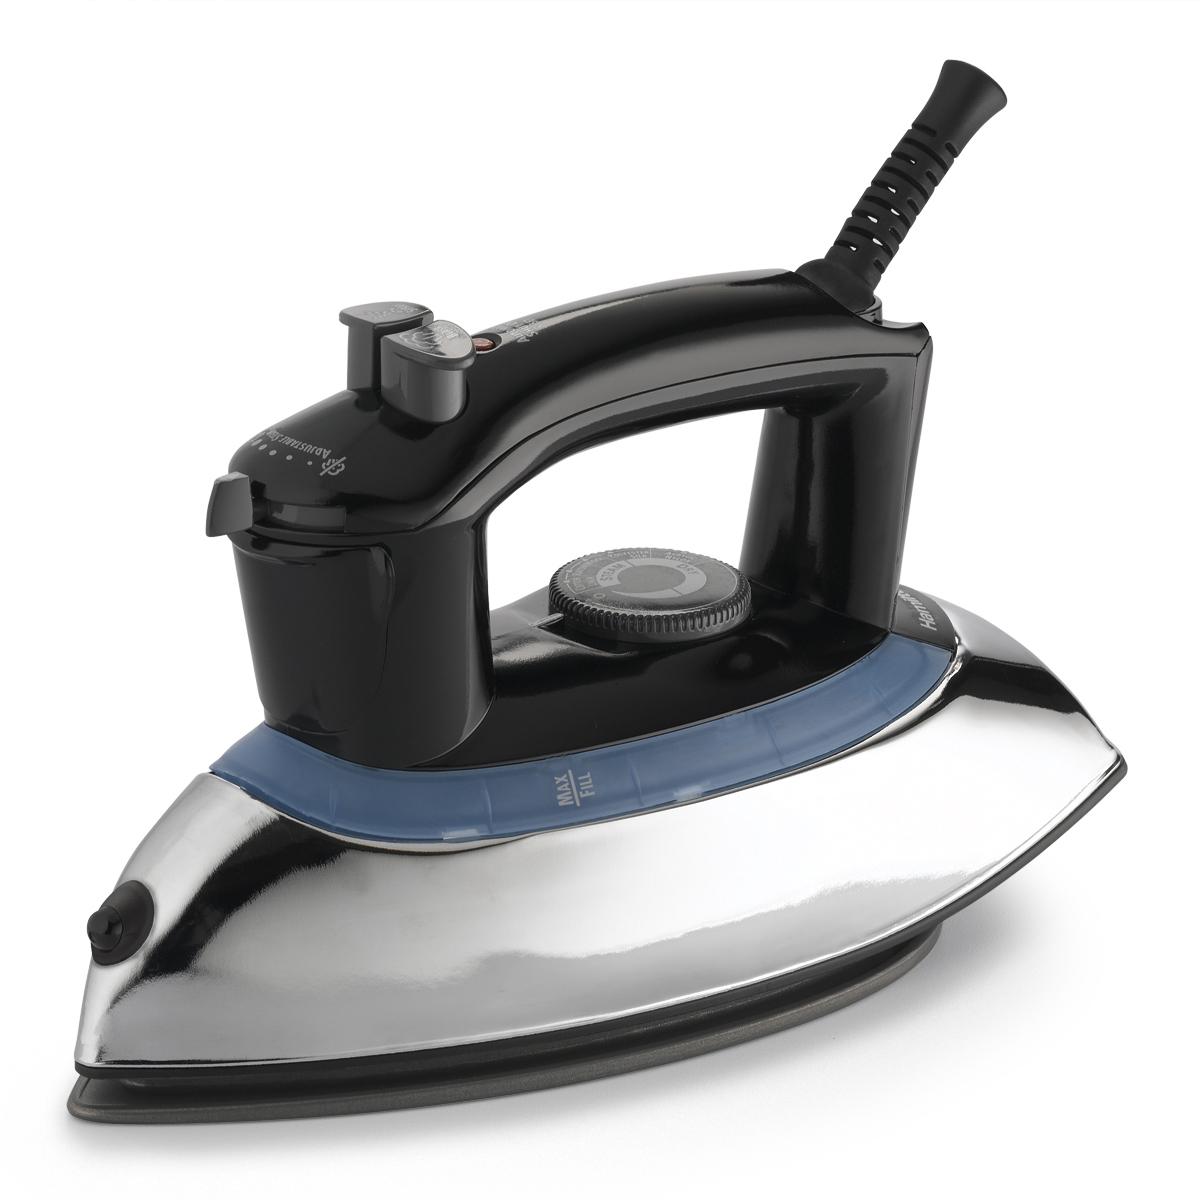 Retro-Style Iron (14200)